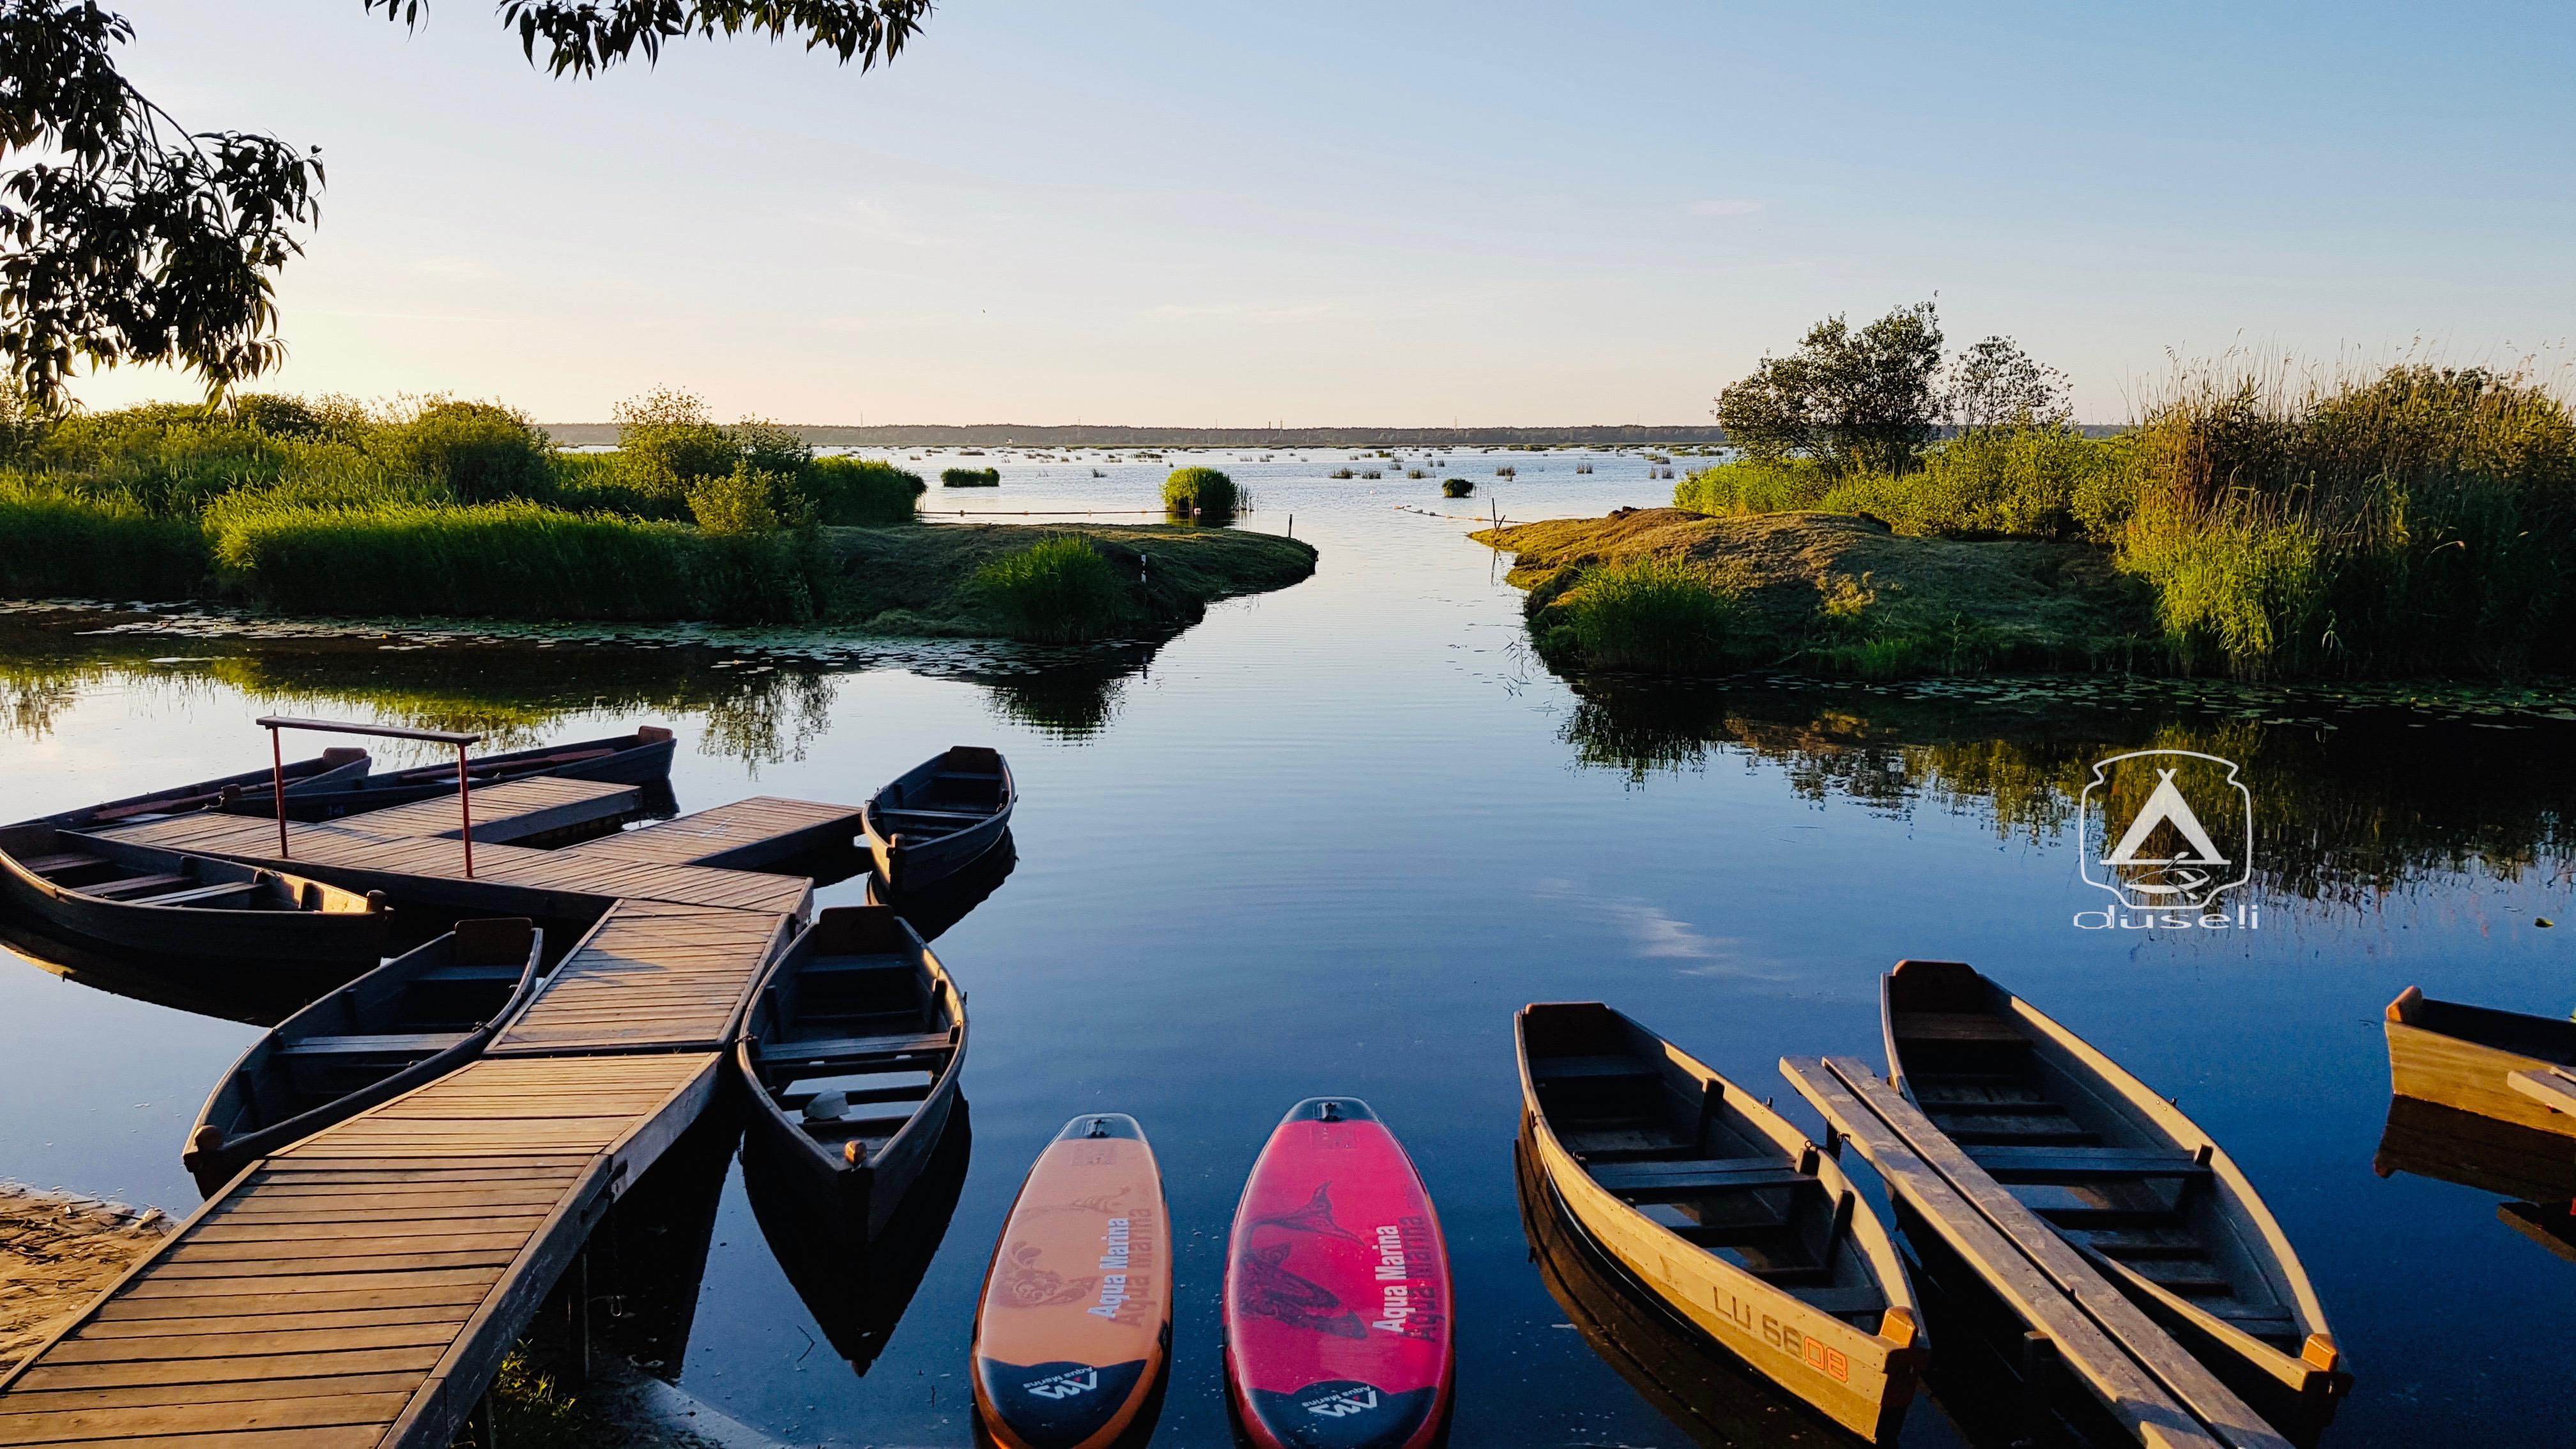 Laivu nomas Babītes ezerā